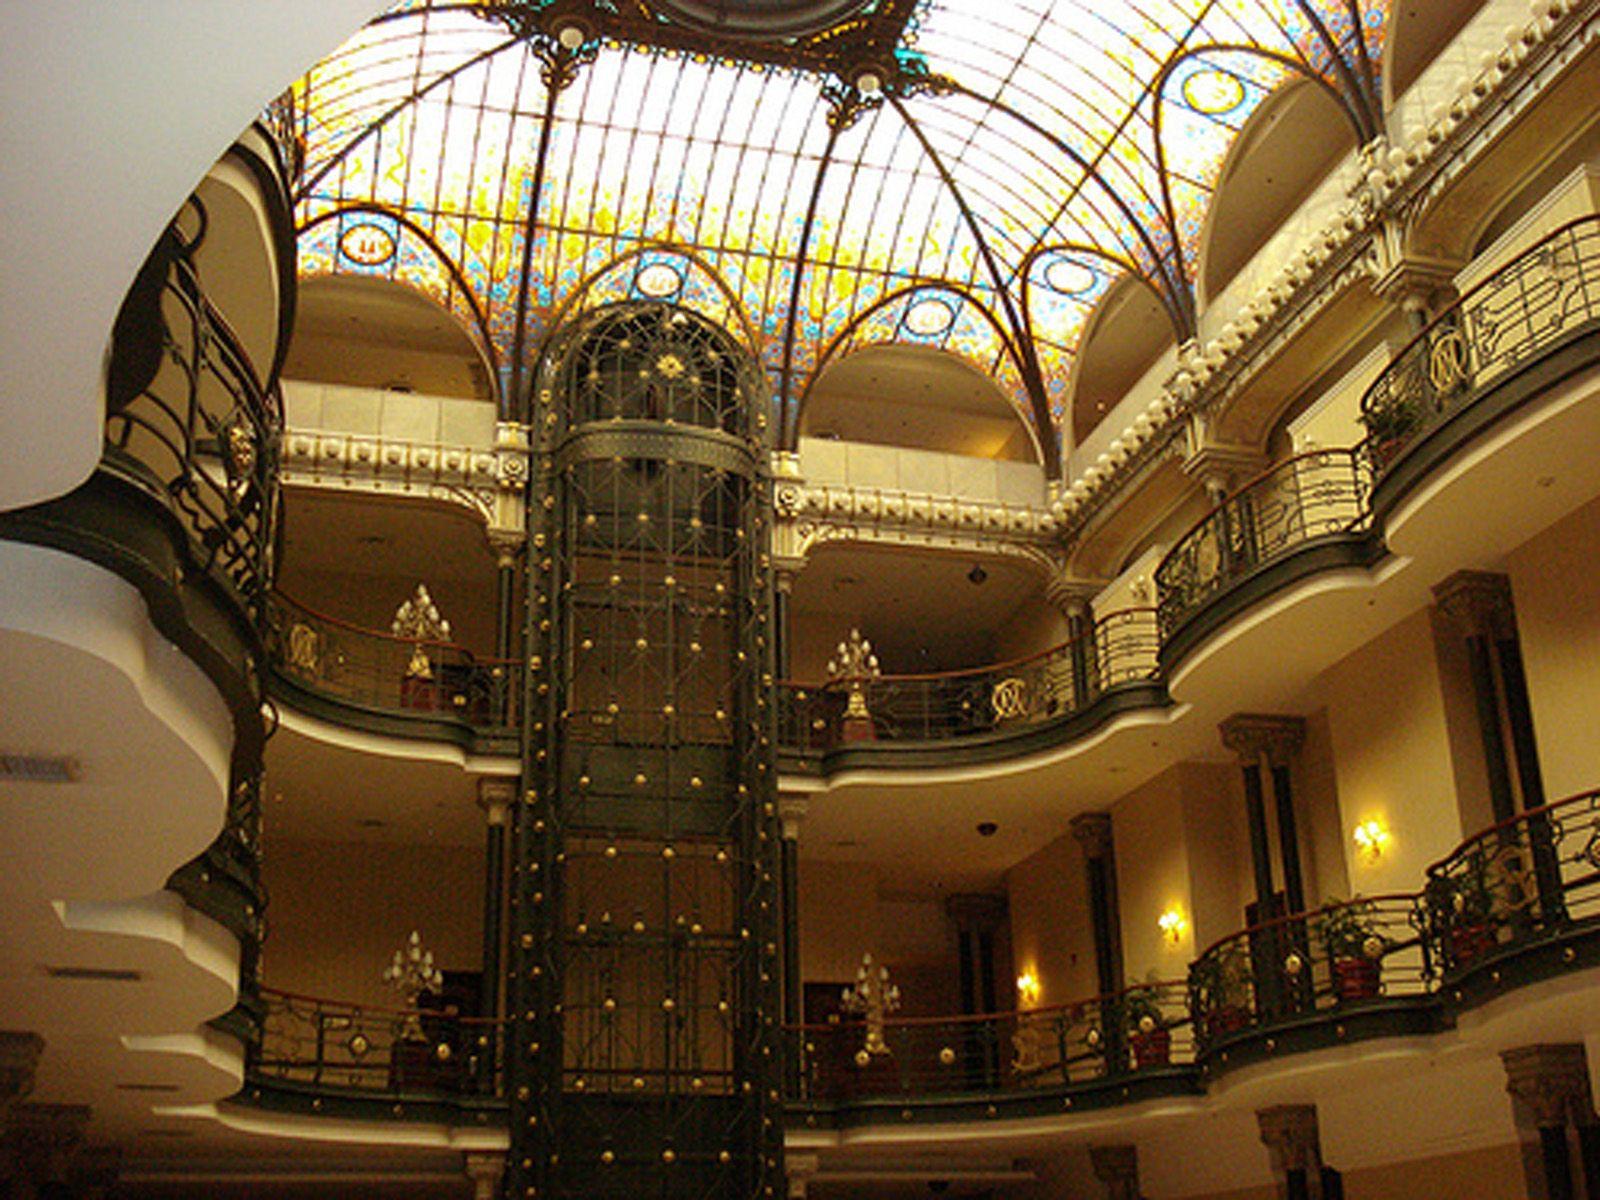 Gran Hotel de la Ciudad de México. 1898. Obra del arquitecto Daniel Garza- Considerado como el primer edificio de estilo Art Nouveau en México. Está situado en el centro histórico de México DF. Ascensor